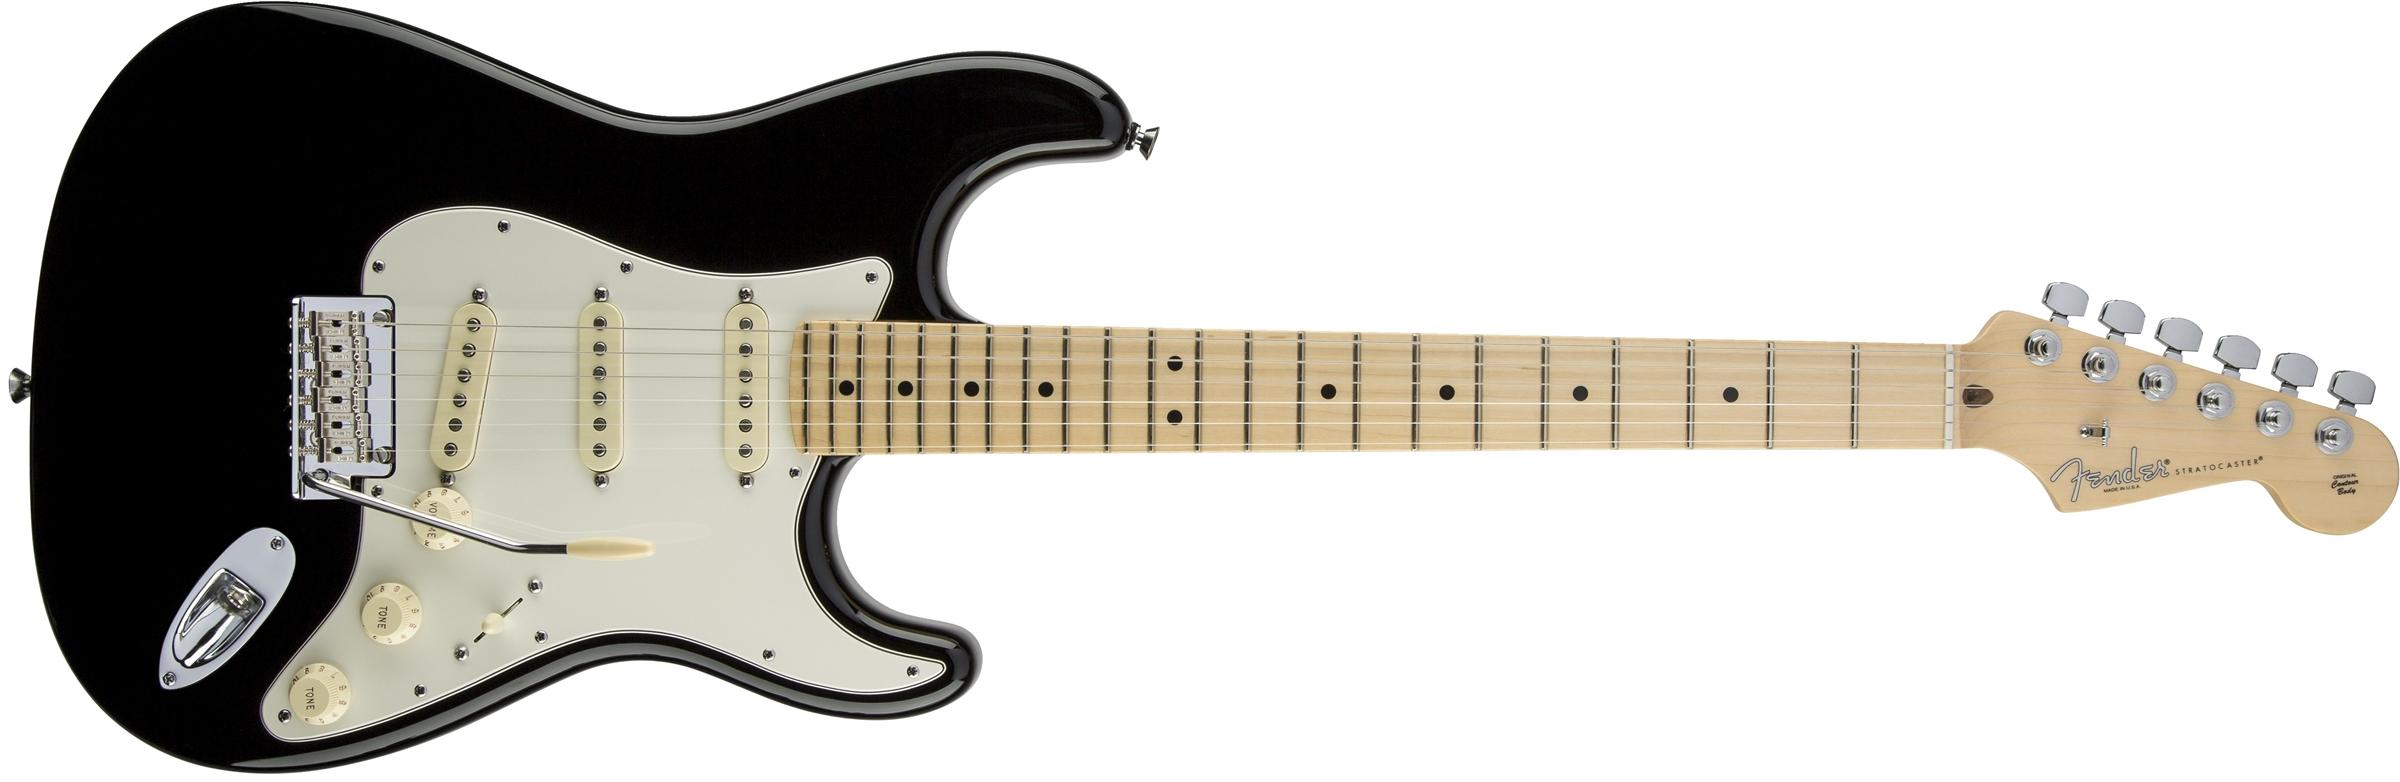 american standard stratocaster maple fingerboard black fender electric guitars. Black Bedroom Furniture Sets. Home Design Ideas